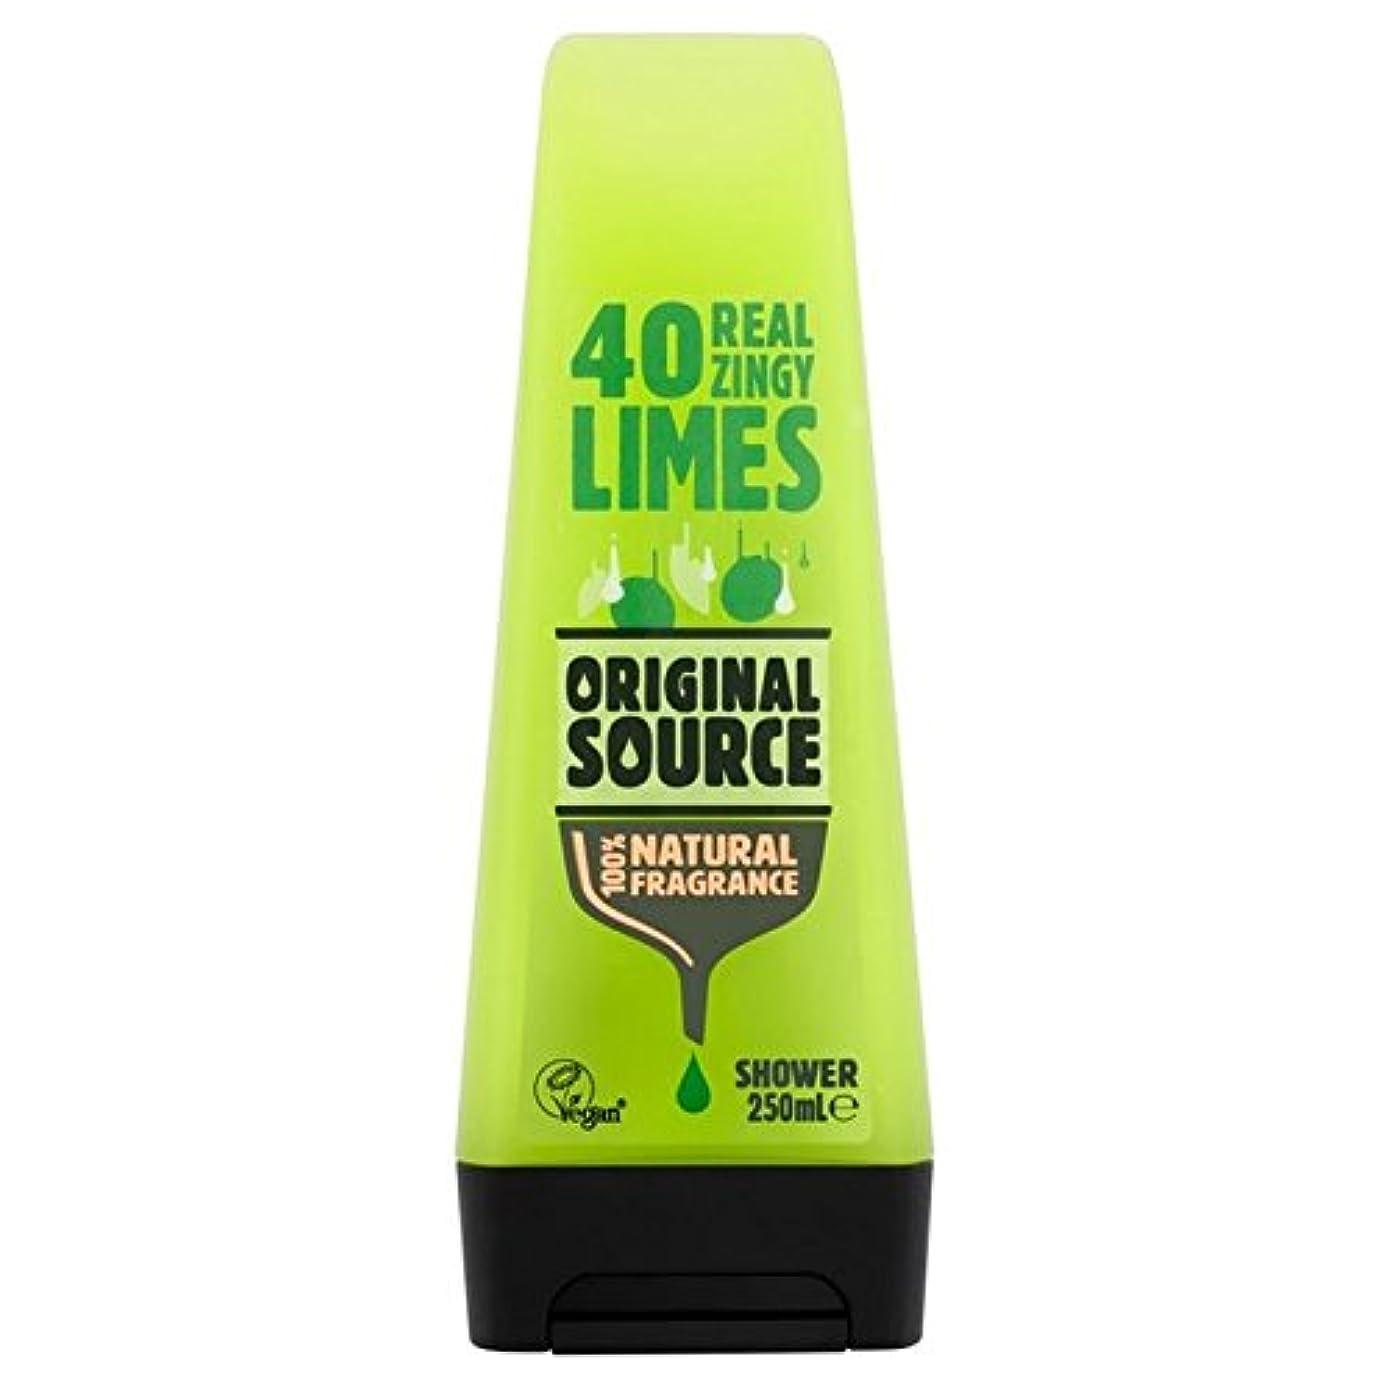 誘惑はさみカール元のソースライムシャワージェル250ミリリットル x2 - Original Source Lime Shower Gel 250ml (Pack of 2) [並行輸入品]